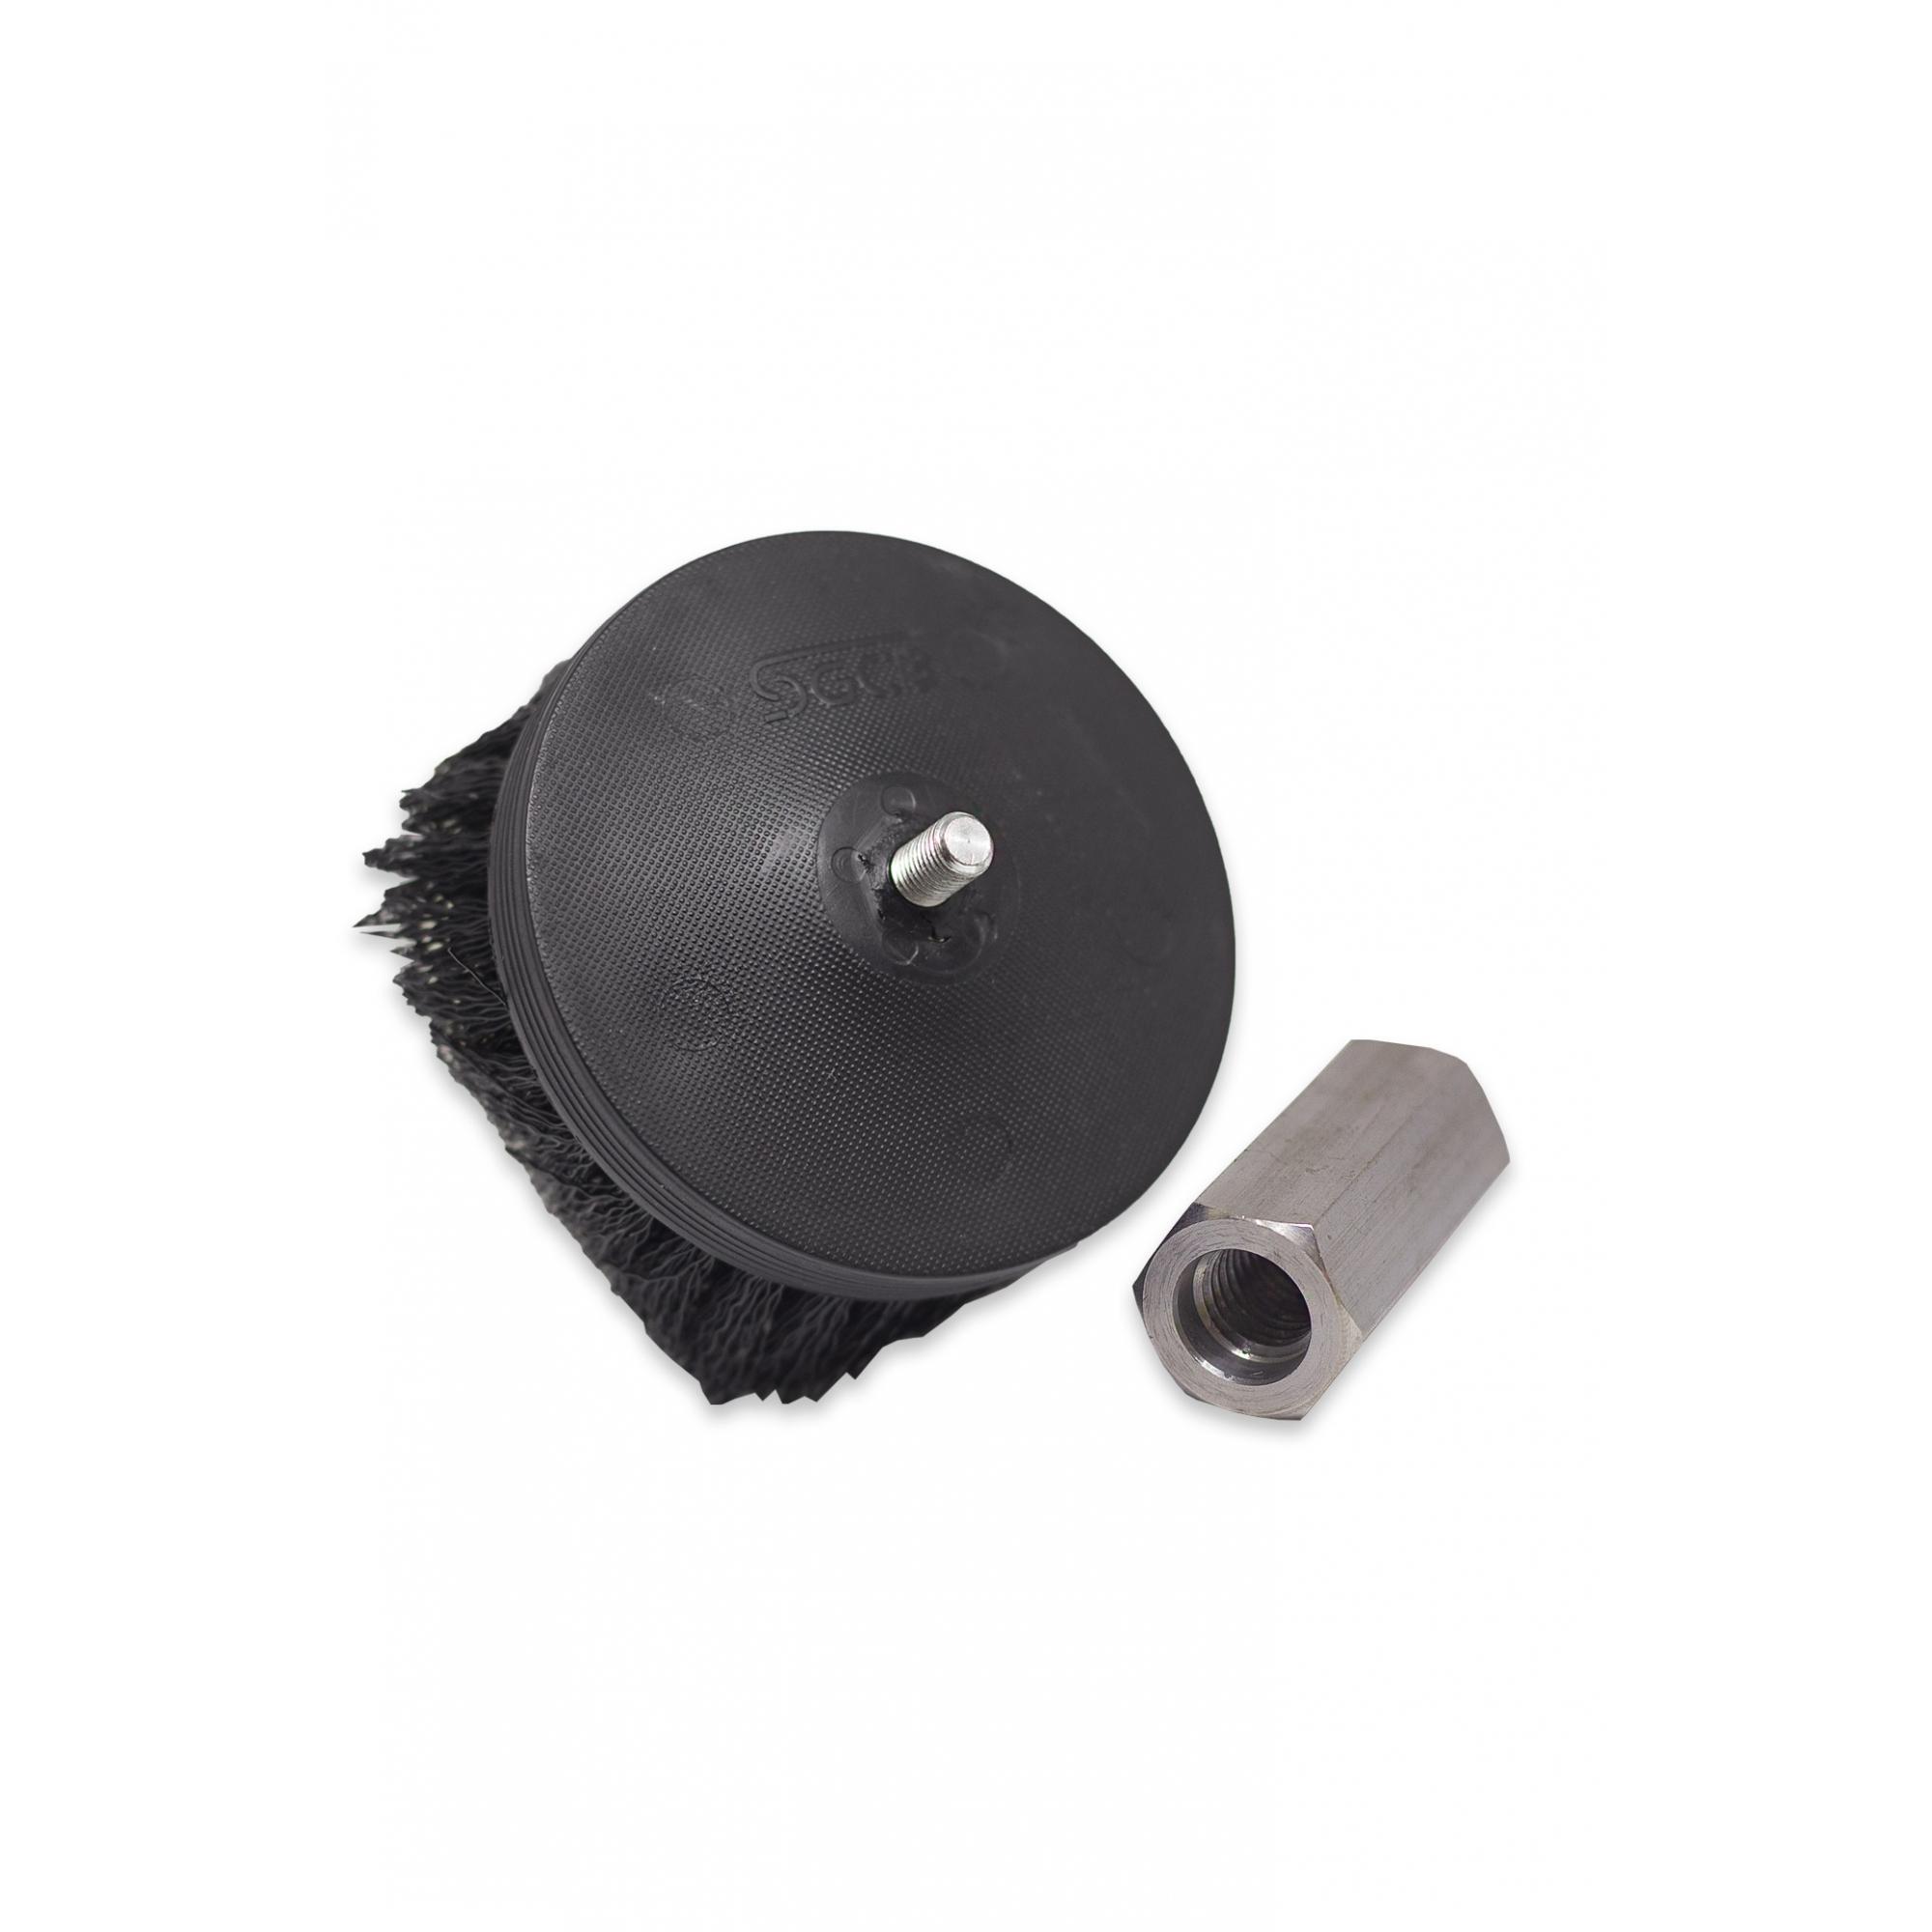 Pneumatic Carpet Brush - Escova Agressiva Para Carpetes -  Uso em Politriz SGCB